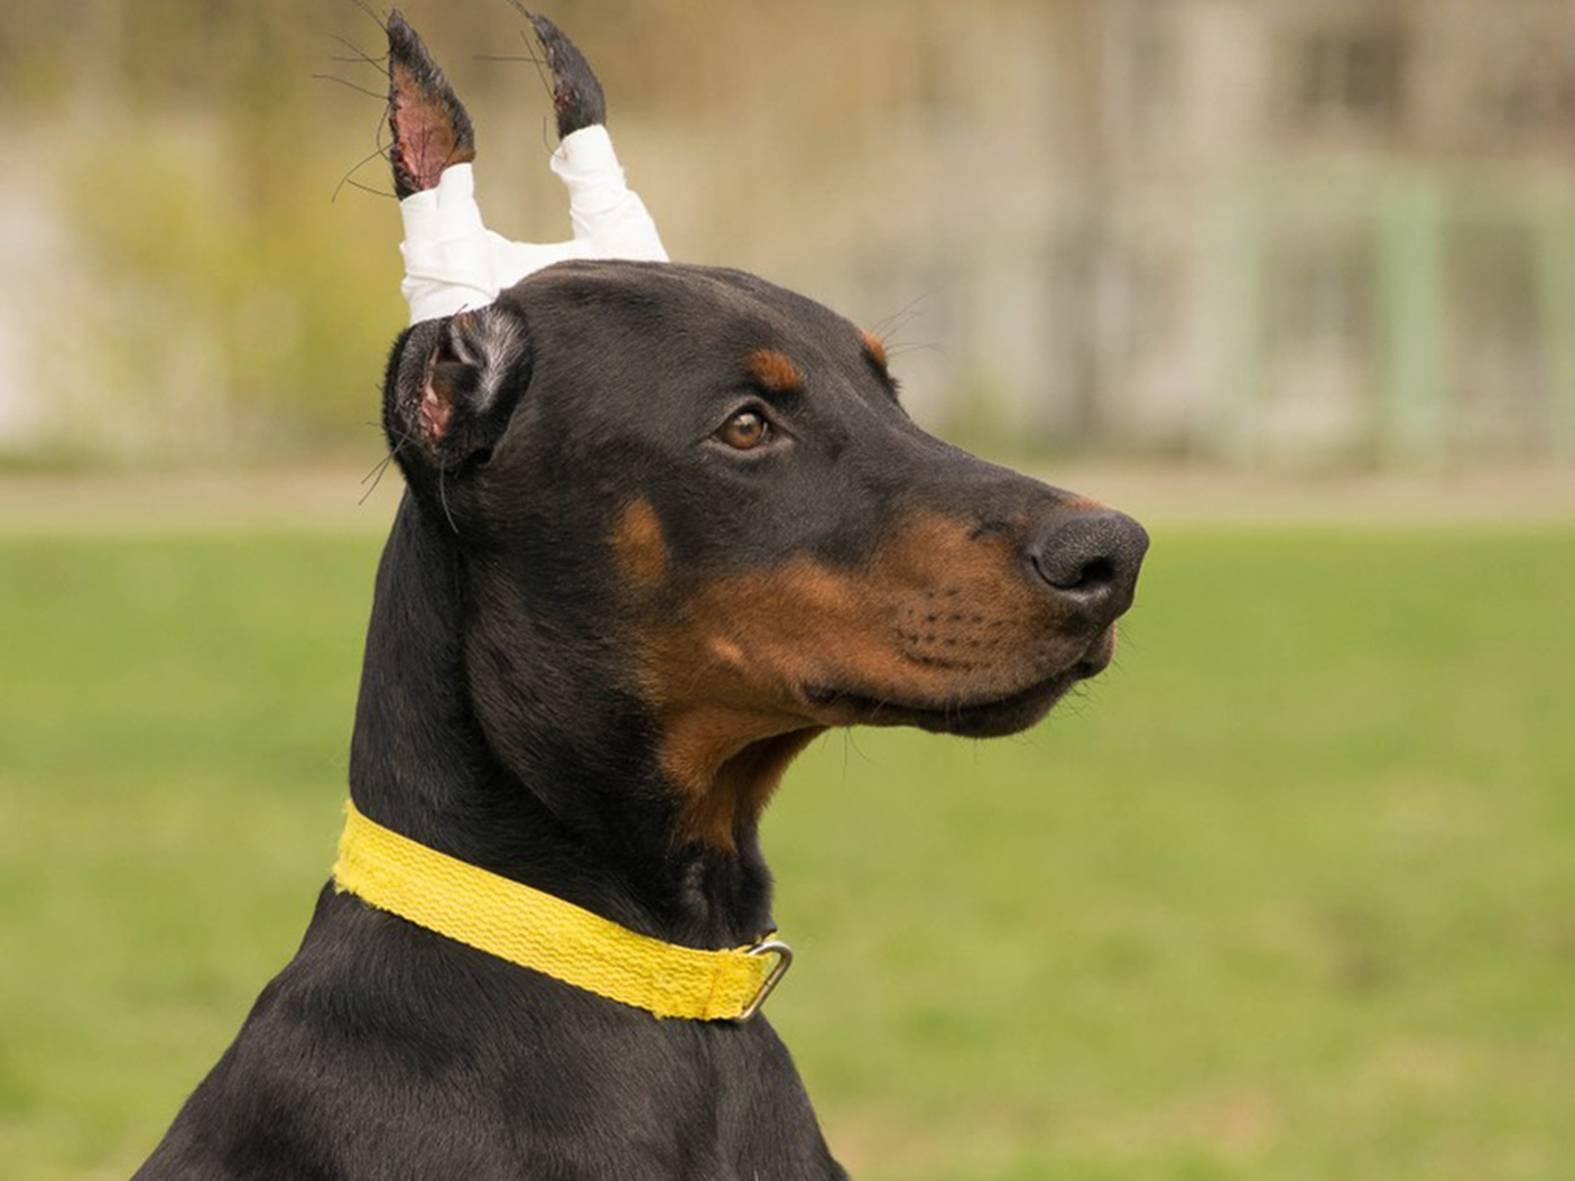 Купирование ушей и хвостов у собак. почему это плохо - догфренд блог